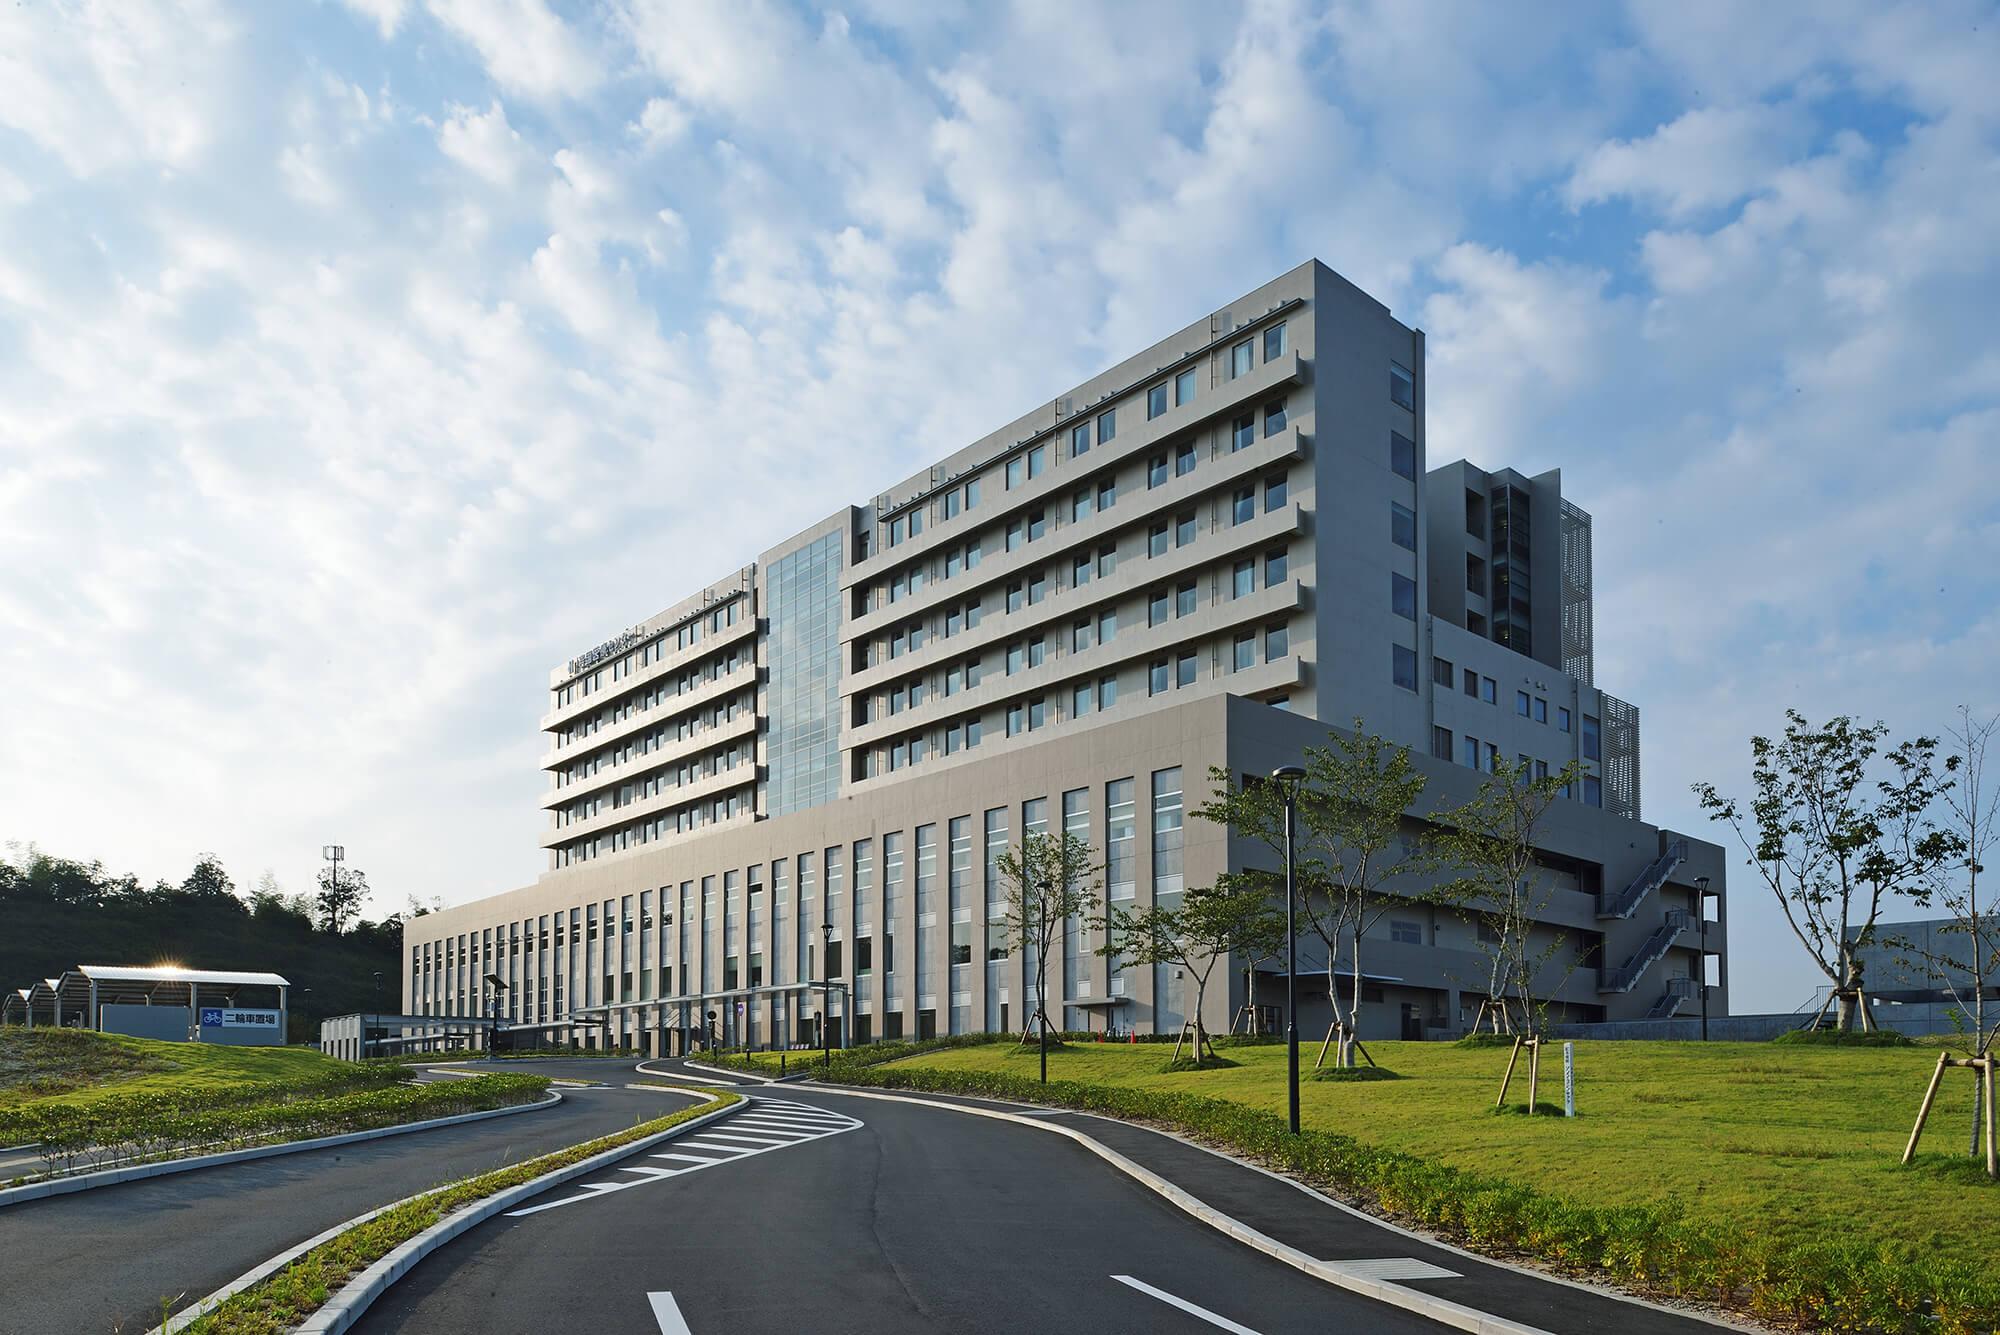 岩国 医療 センター 国立病院機構岩国医療センター - Wikipedia